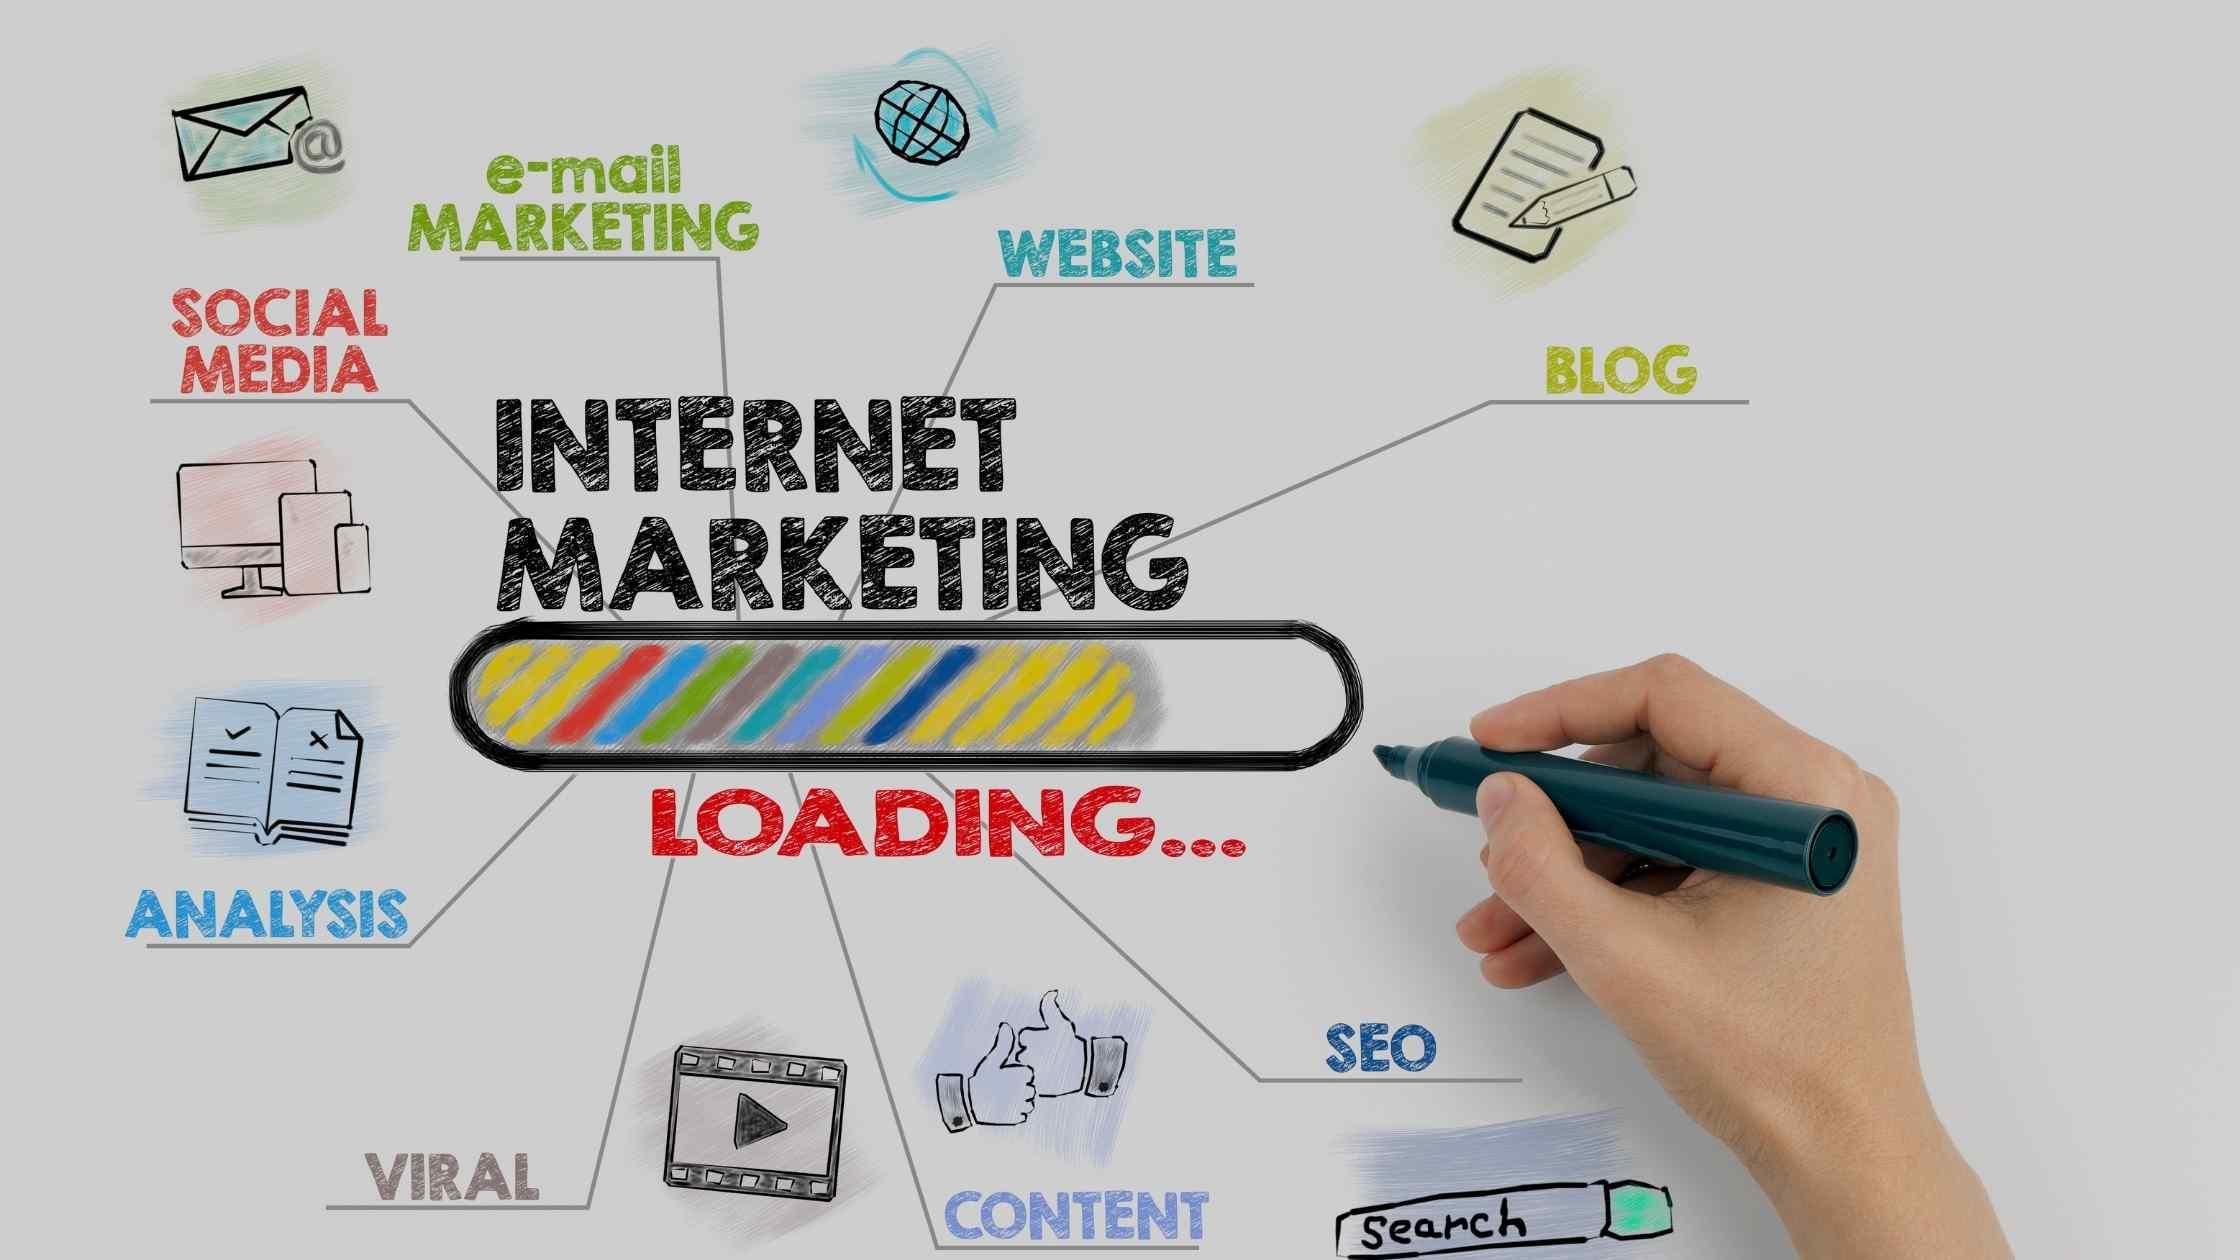 Cari Jasa Internet Marketing di Pangkal Pinang, Kepulauan Bangka Belitung